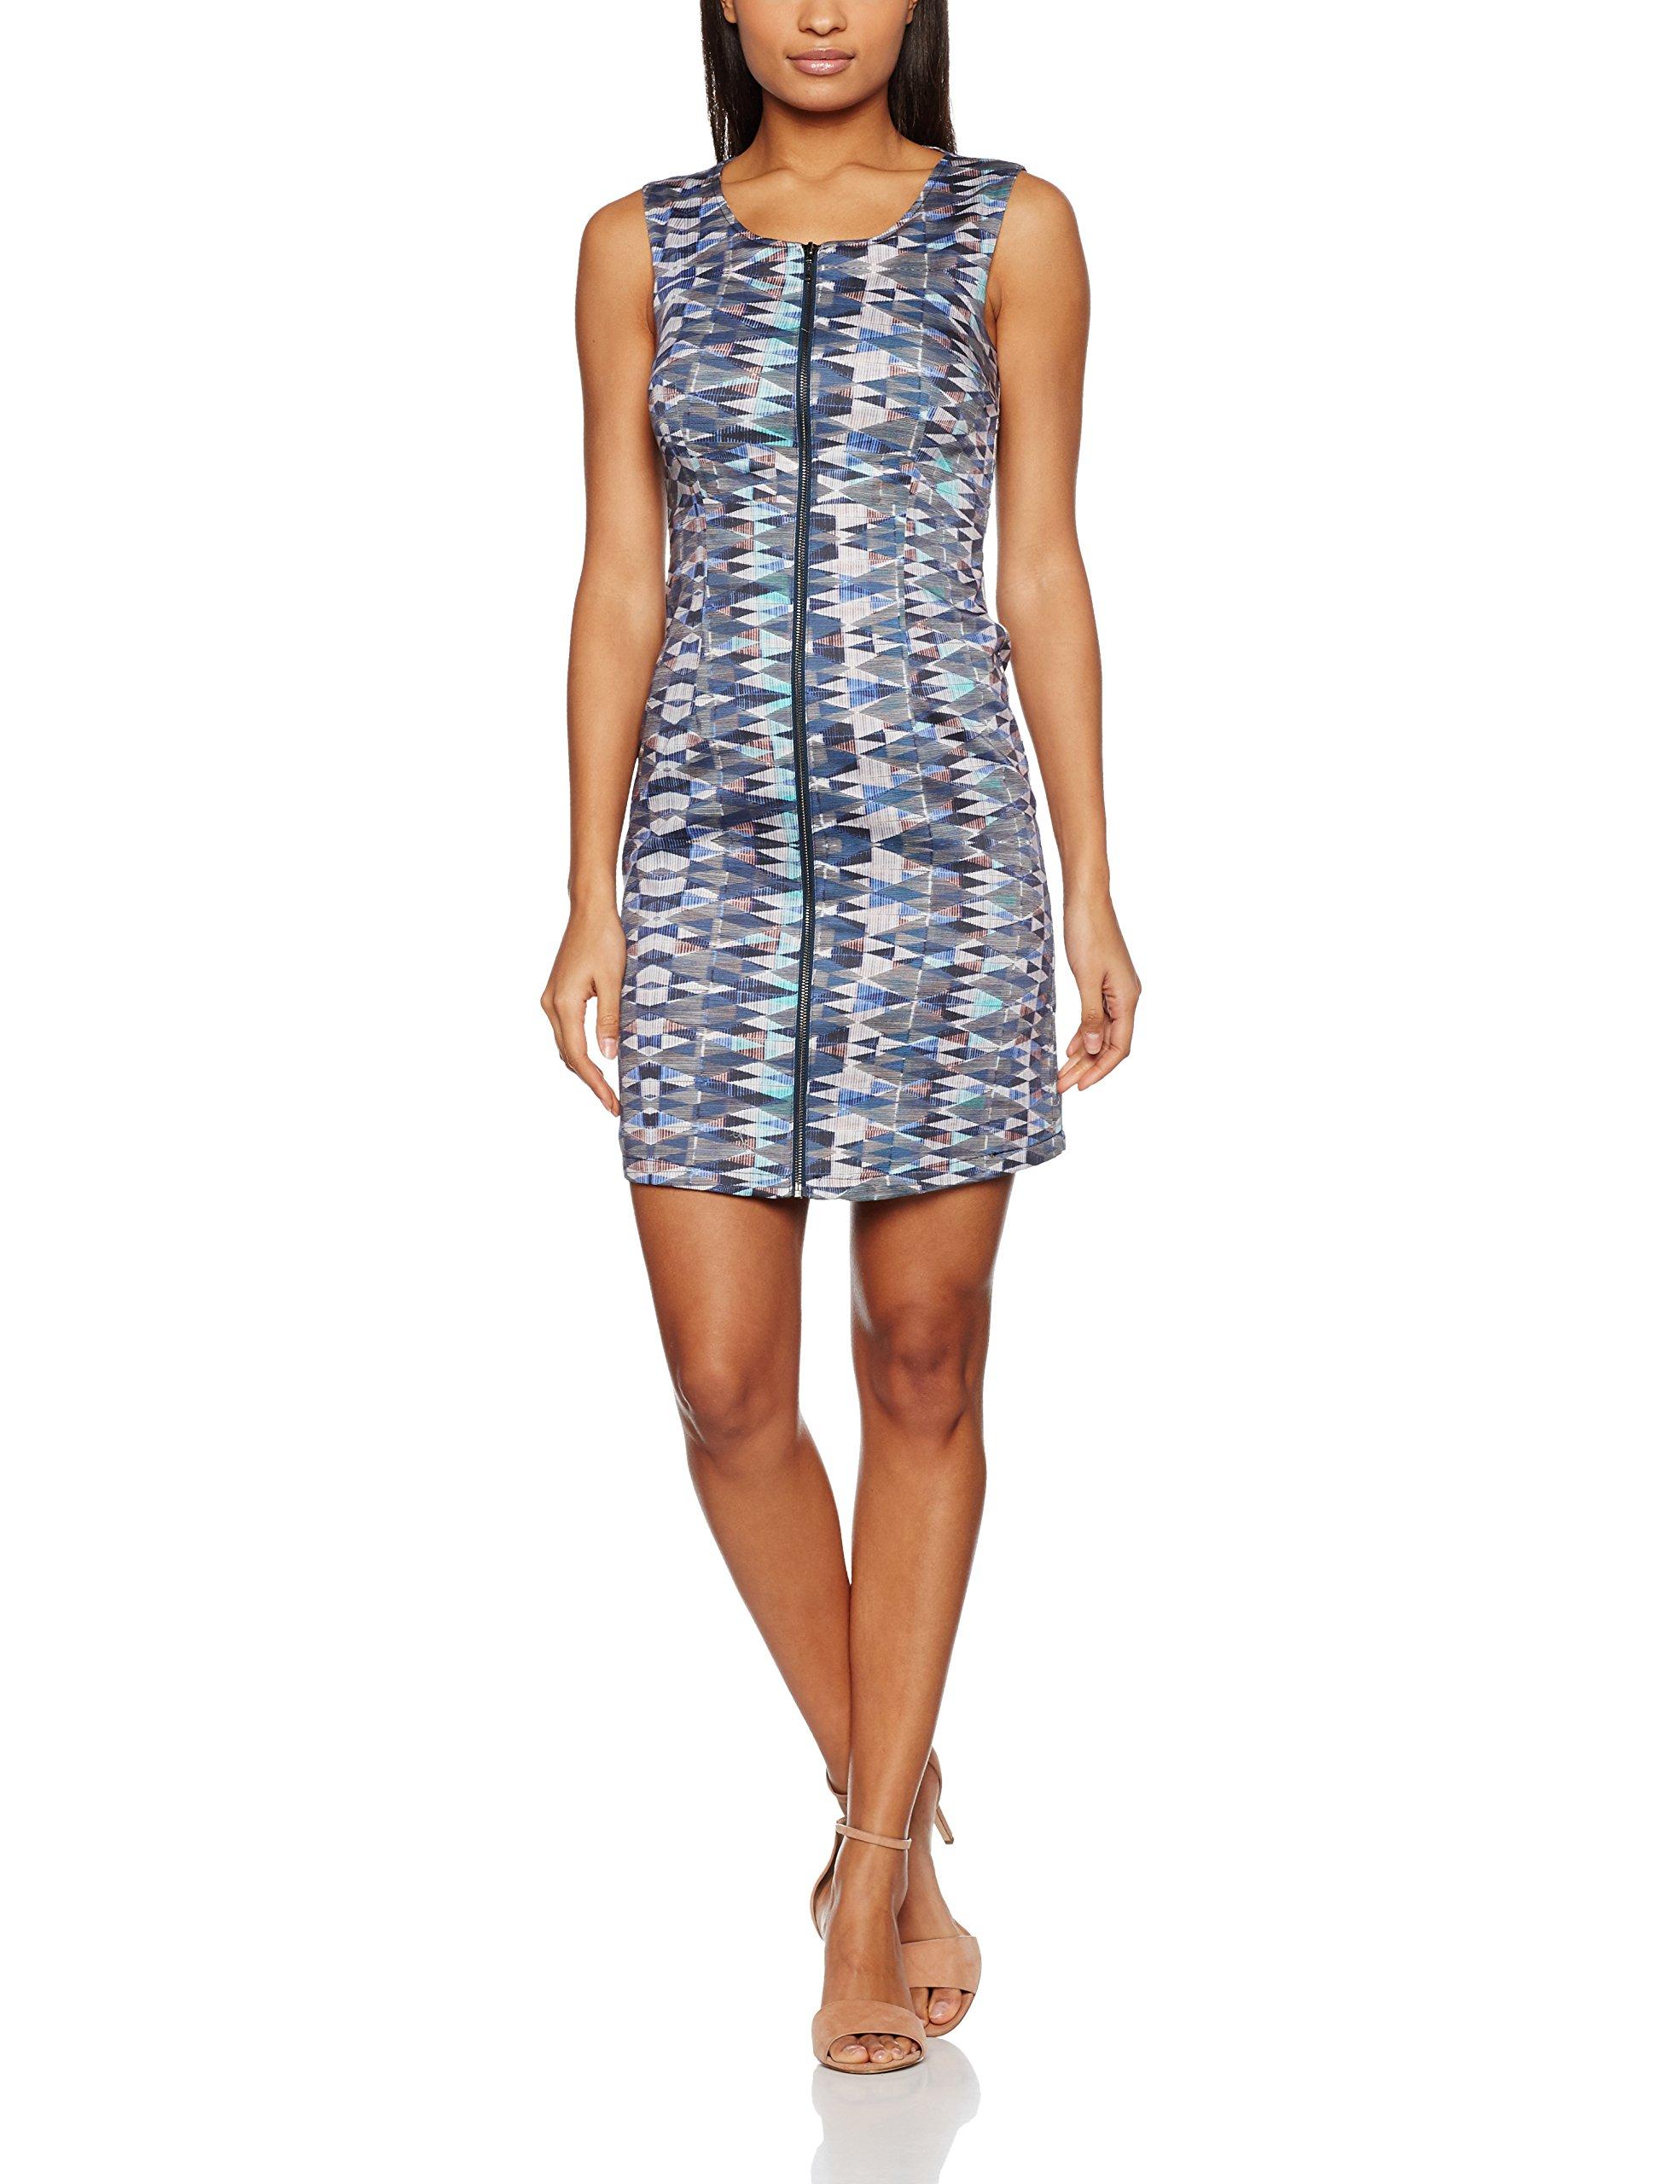 Woman Lavand Dress Woman RobeUniqueS Femme Dress Lavand EDH2I9